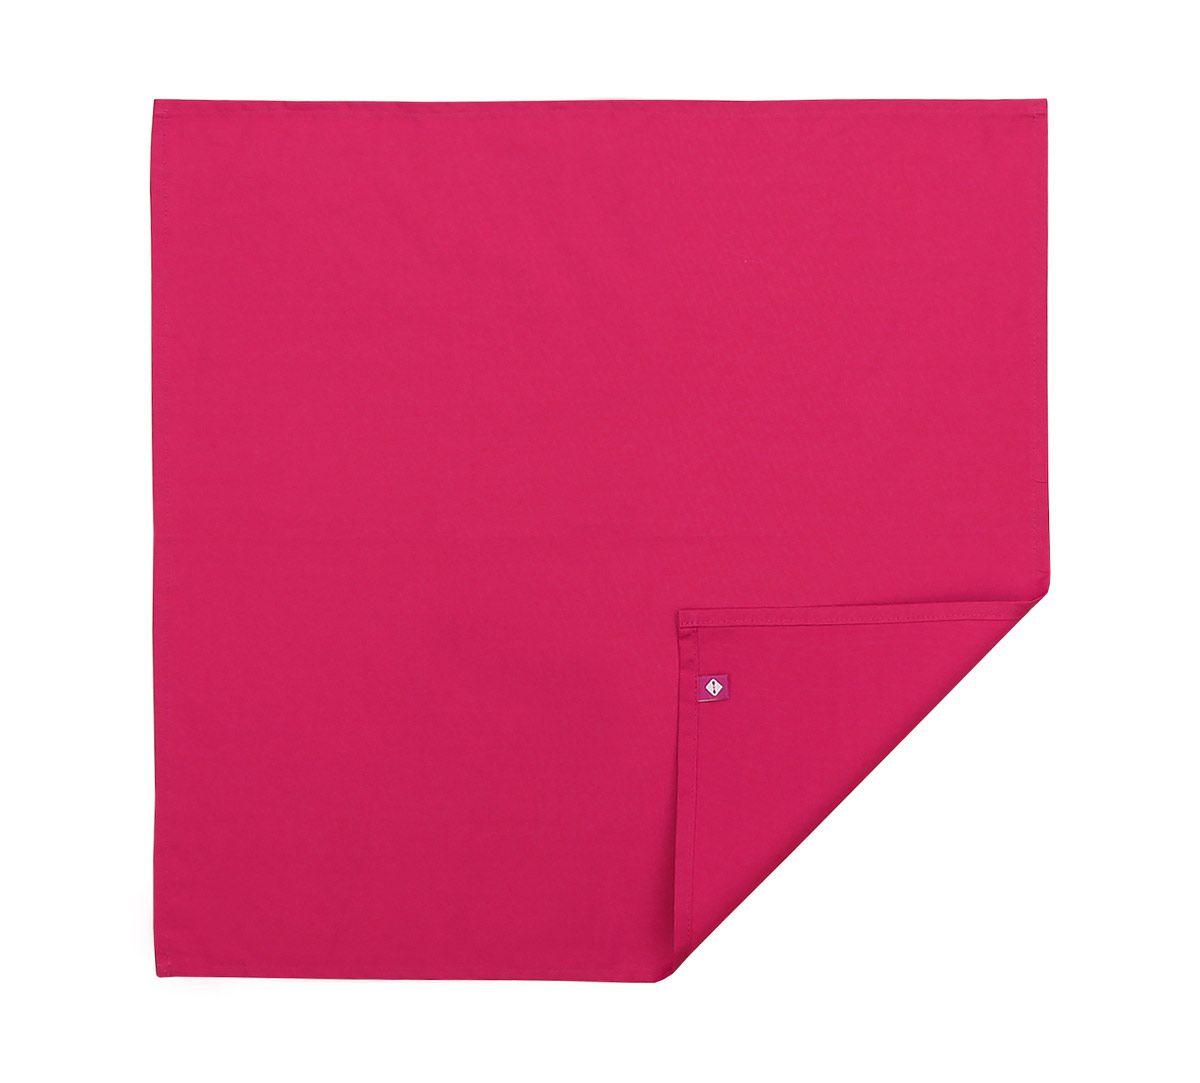 674c0e393dfdb India Circus Fuchsia Blush Table Napkin Set of 6. Tap to expand